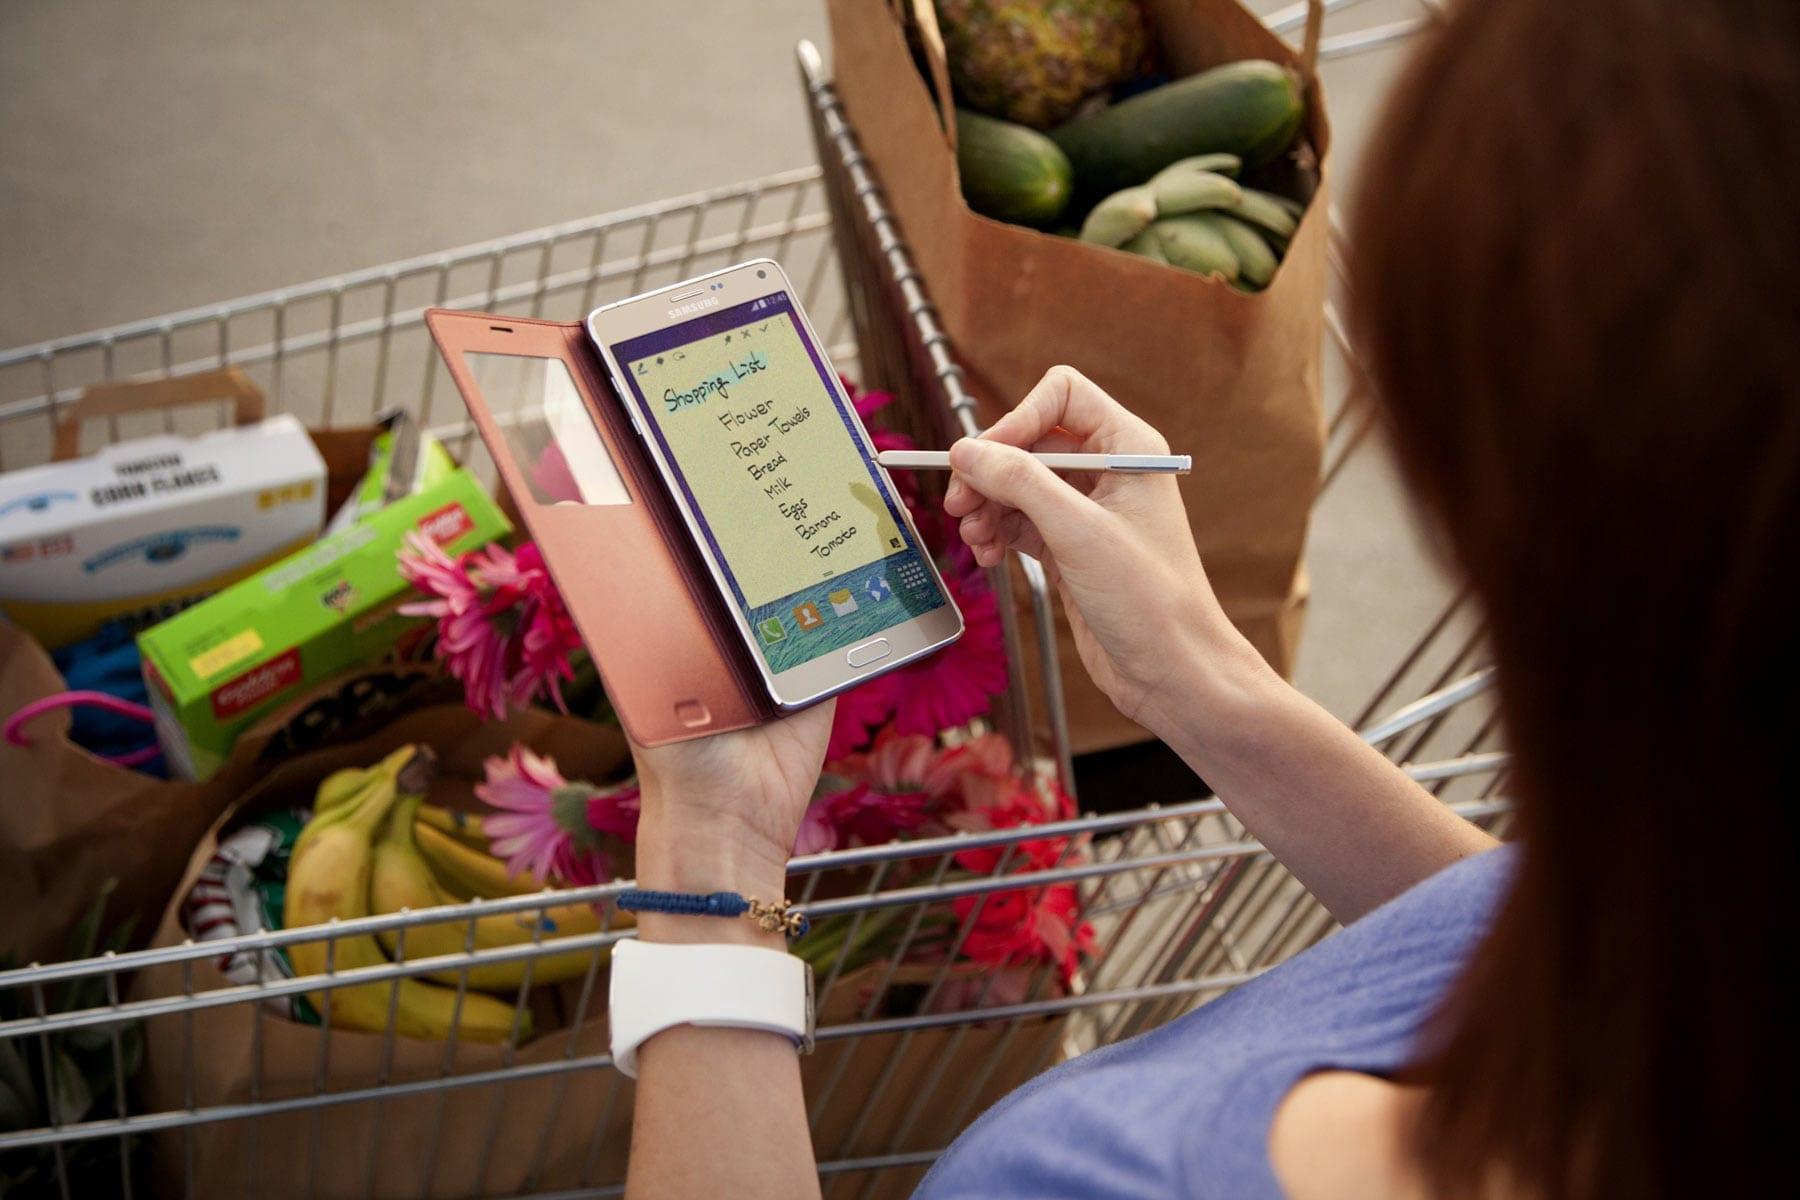 Cine cumpără mai mult online: femeile sau bărbații?